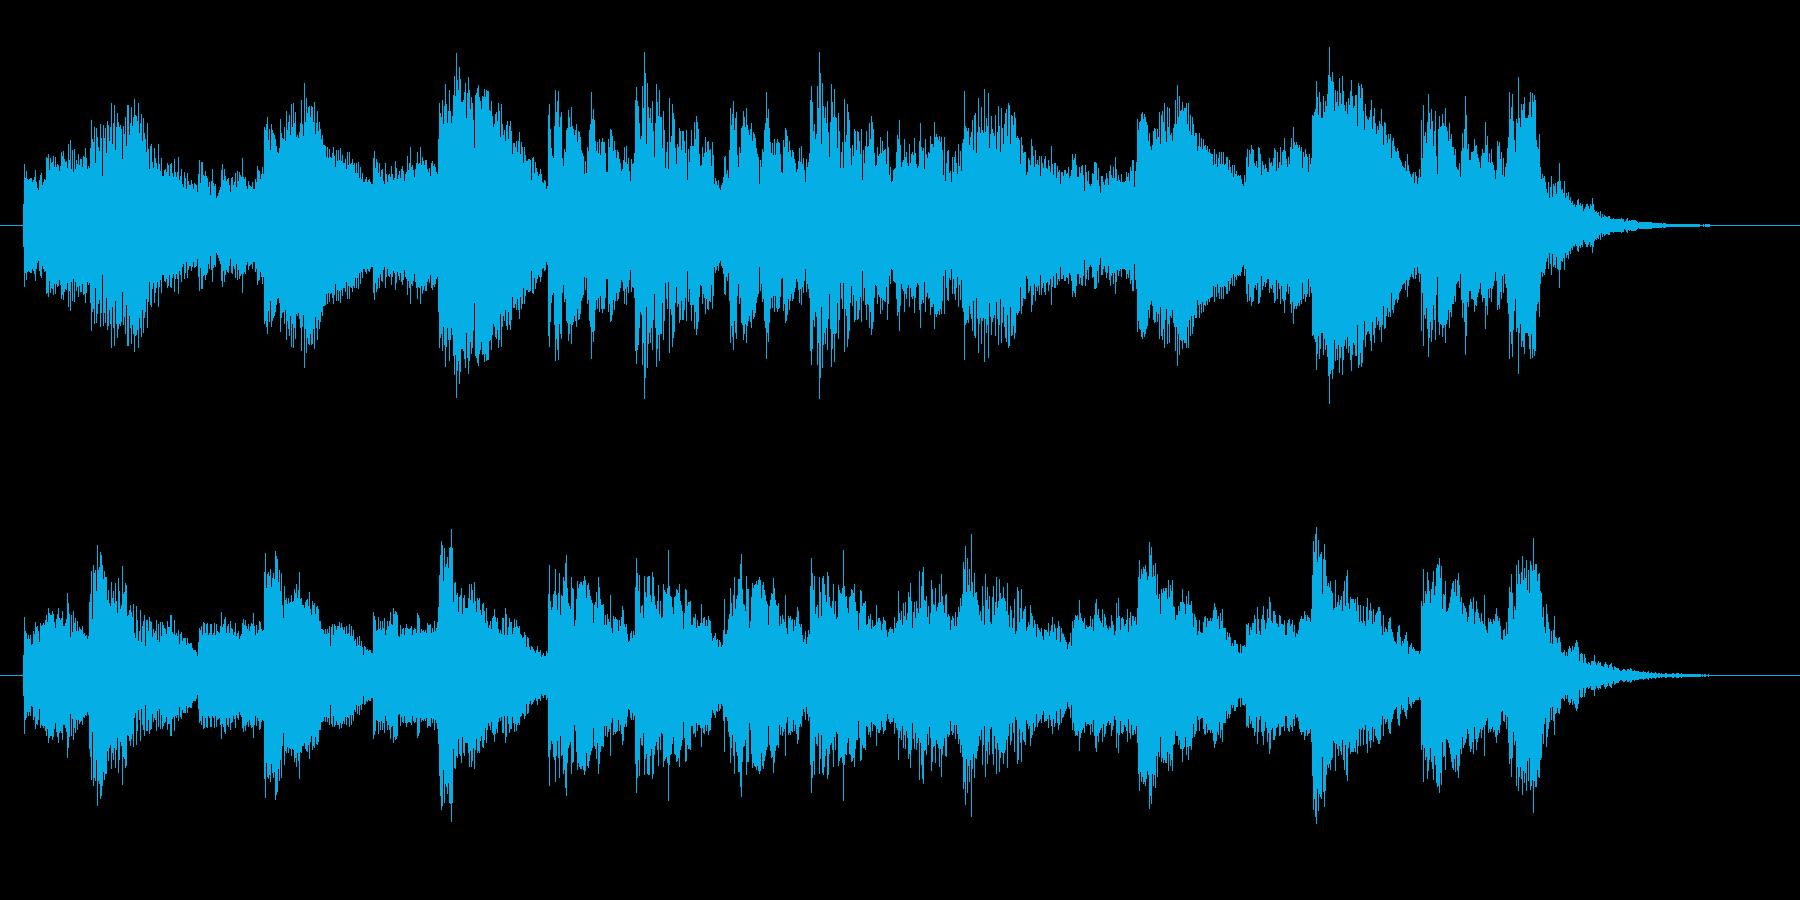 静かでゆったりとした幻想曲の再生済みの波形